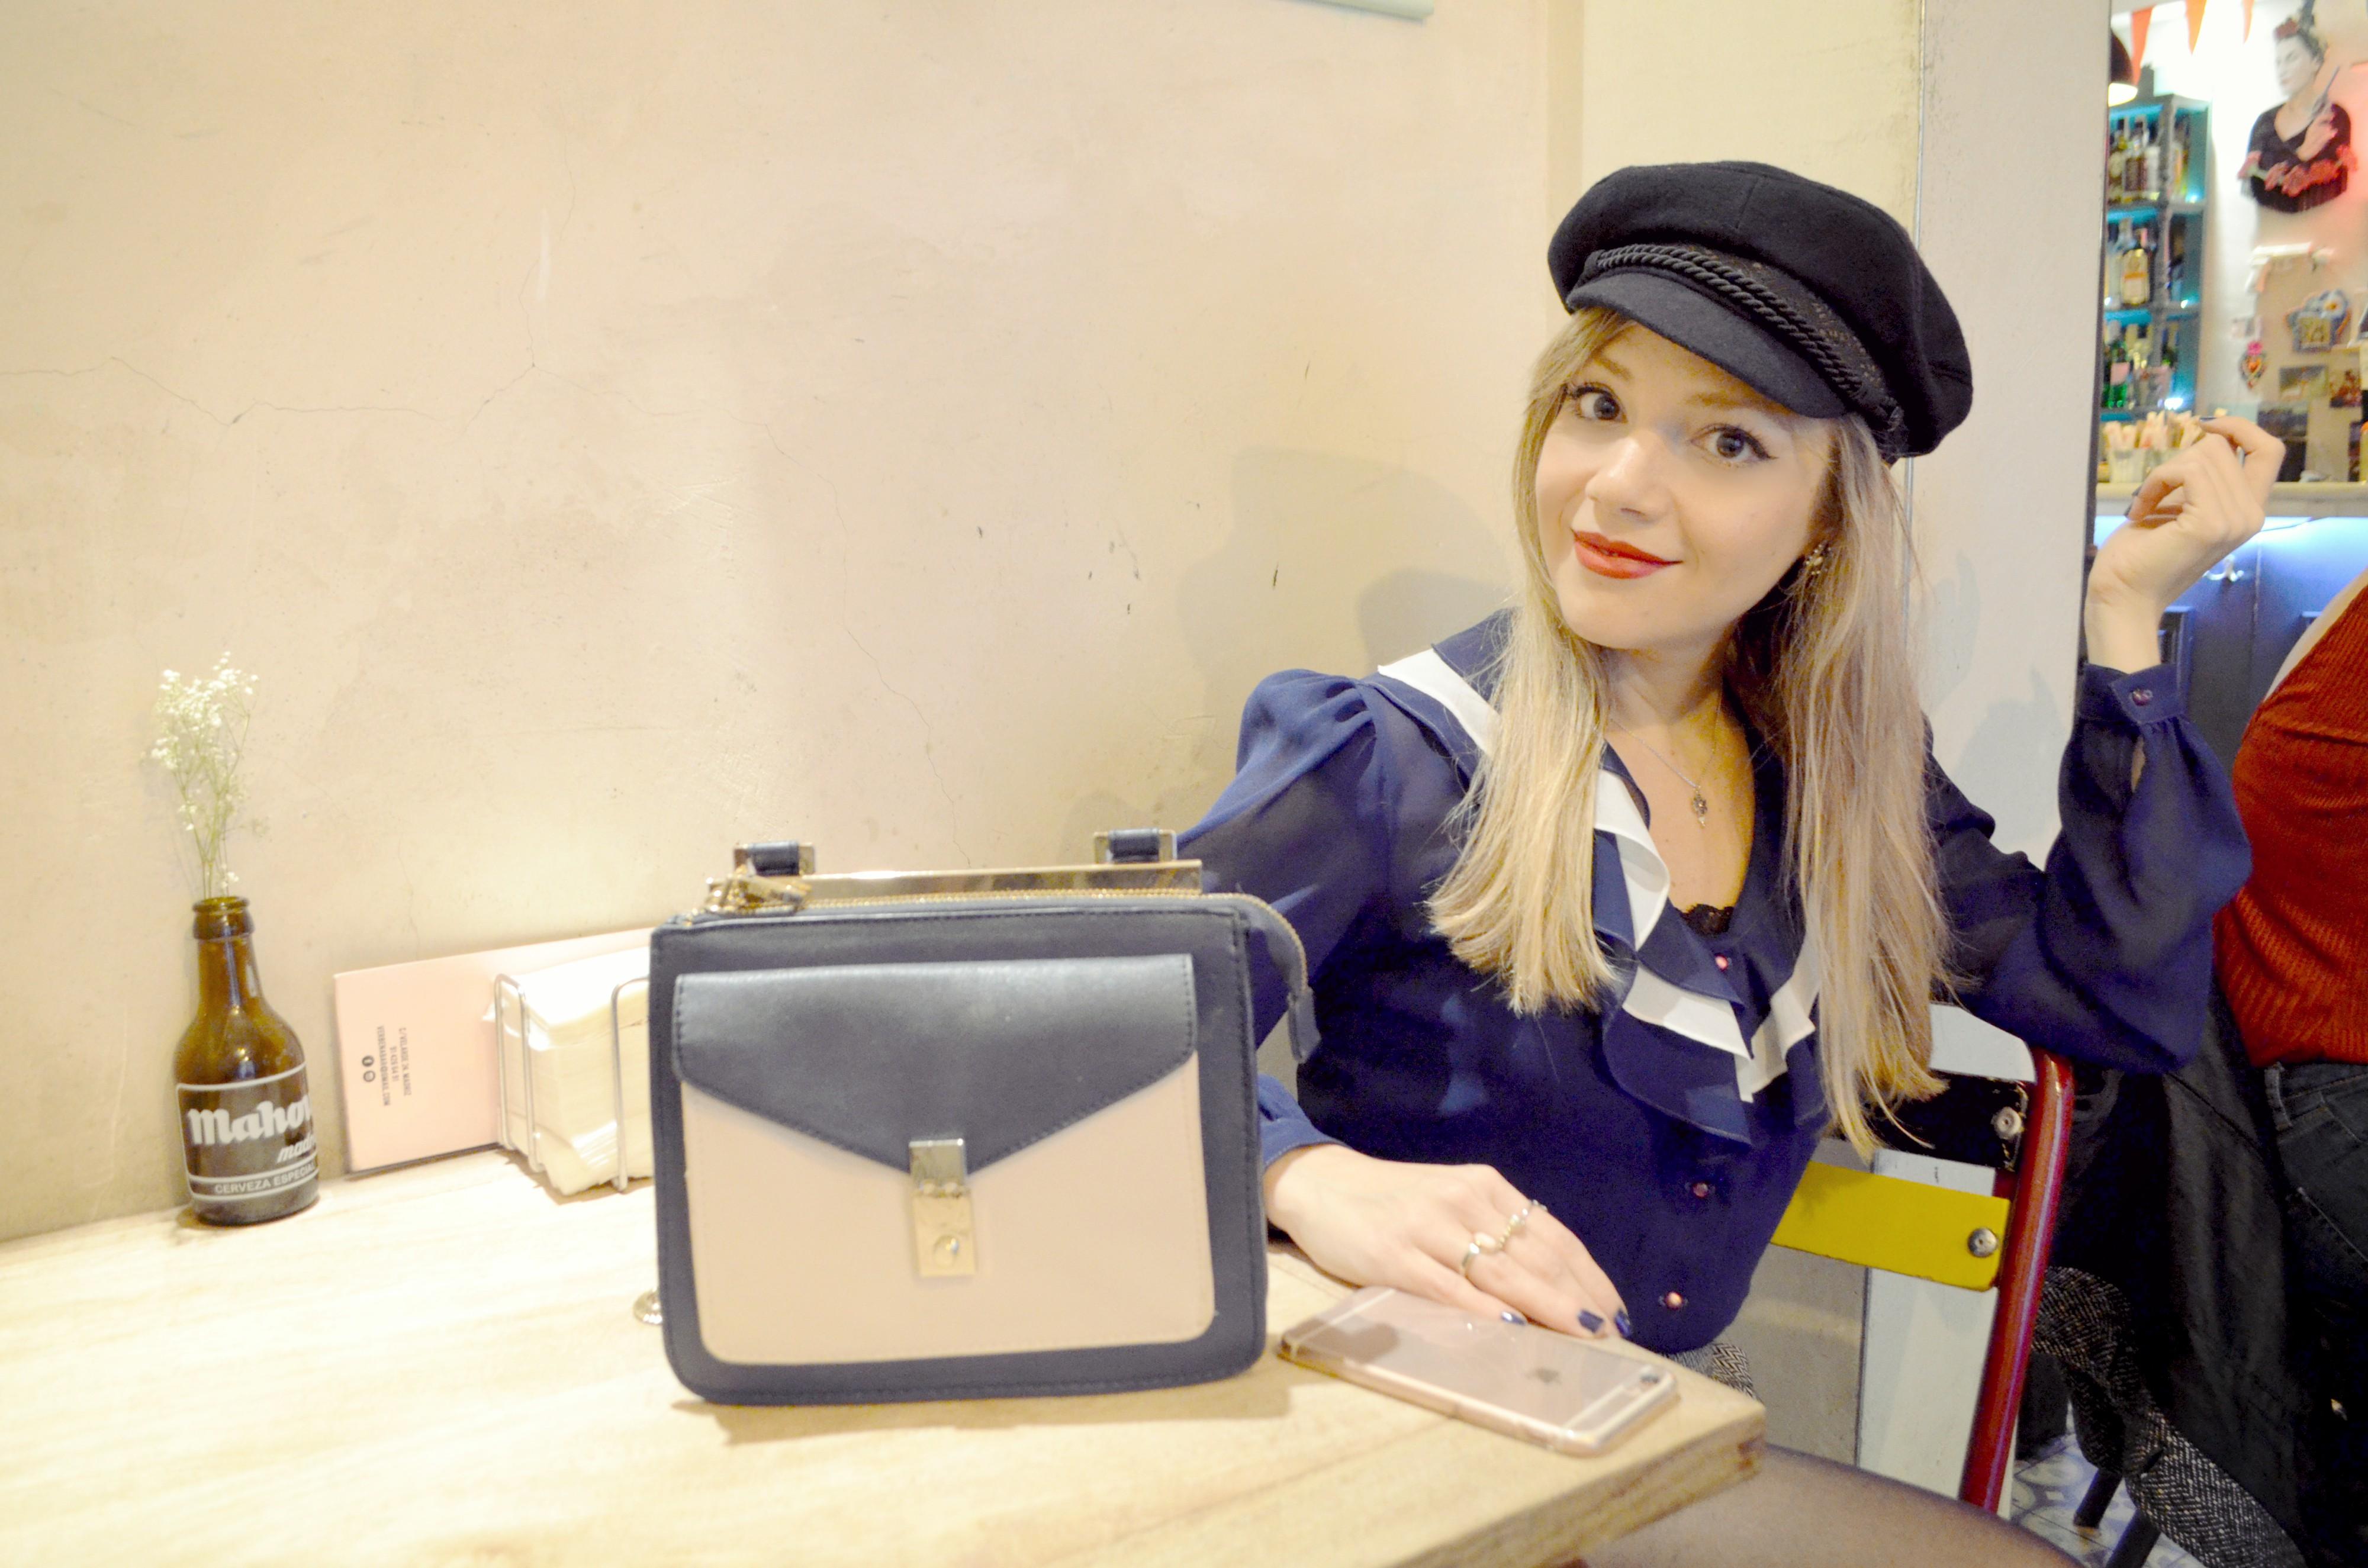 Sailor-look-ChicAdicta-outfit-marinero-blog-de-moda-Chic-Adicta-falda-pata-de-gallo-vintage-style-zara-bag-PiensaenChic-Piensa-en-Chic